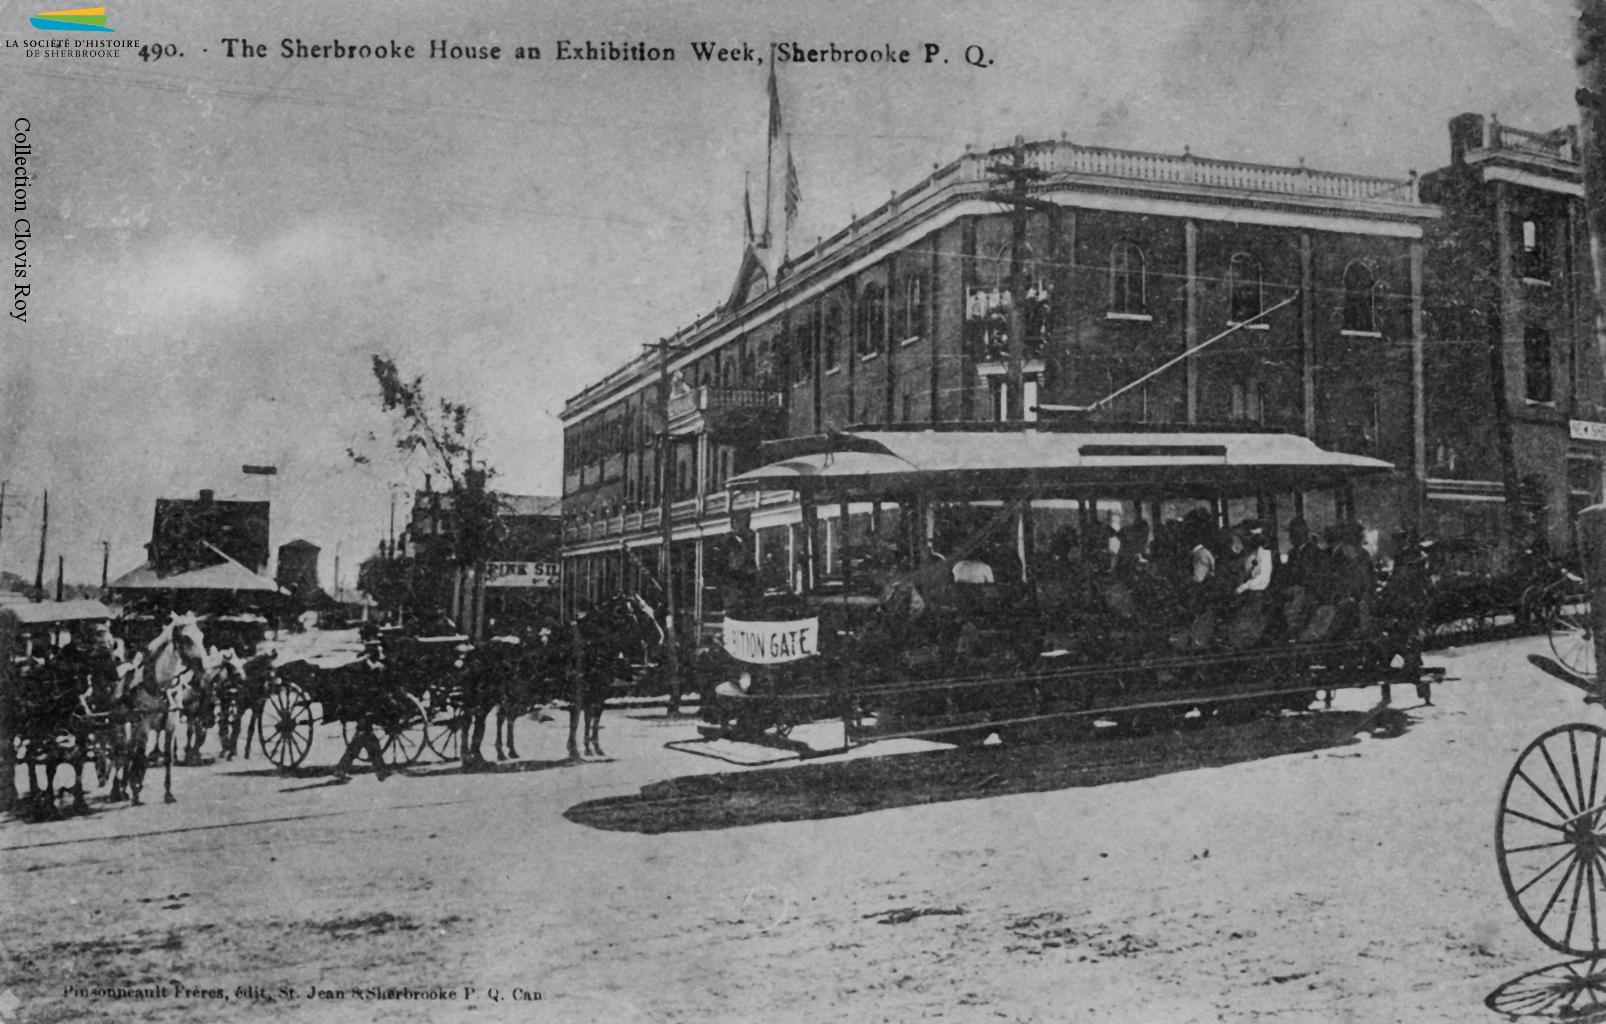 Le coin des rues King Ouest et Dépôt en 1906, où se trouve la gare Union. Le tramway transporte les habitants de Sherbrooke un peu partout dans la ville, mais les voitures tirées par des chevaux sont encore très présentes. Plusieurs hôtels emploient des cochers pour transporter leurs clients de et vers la gare.